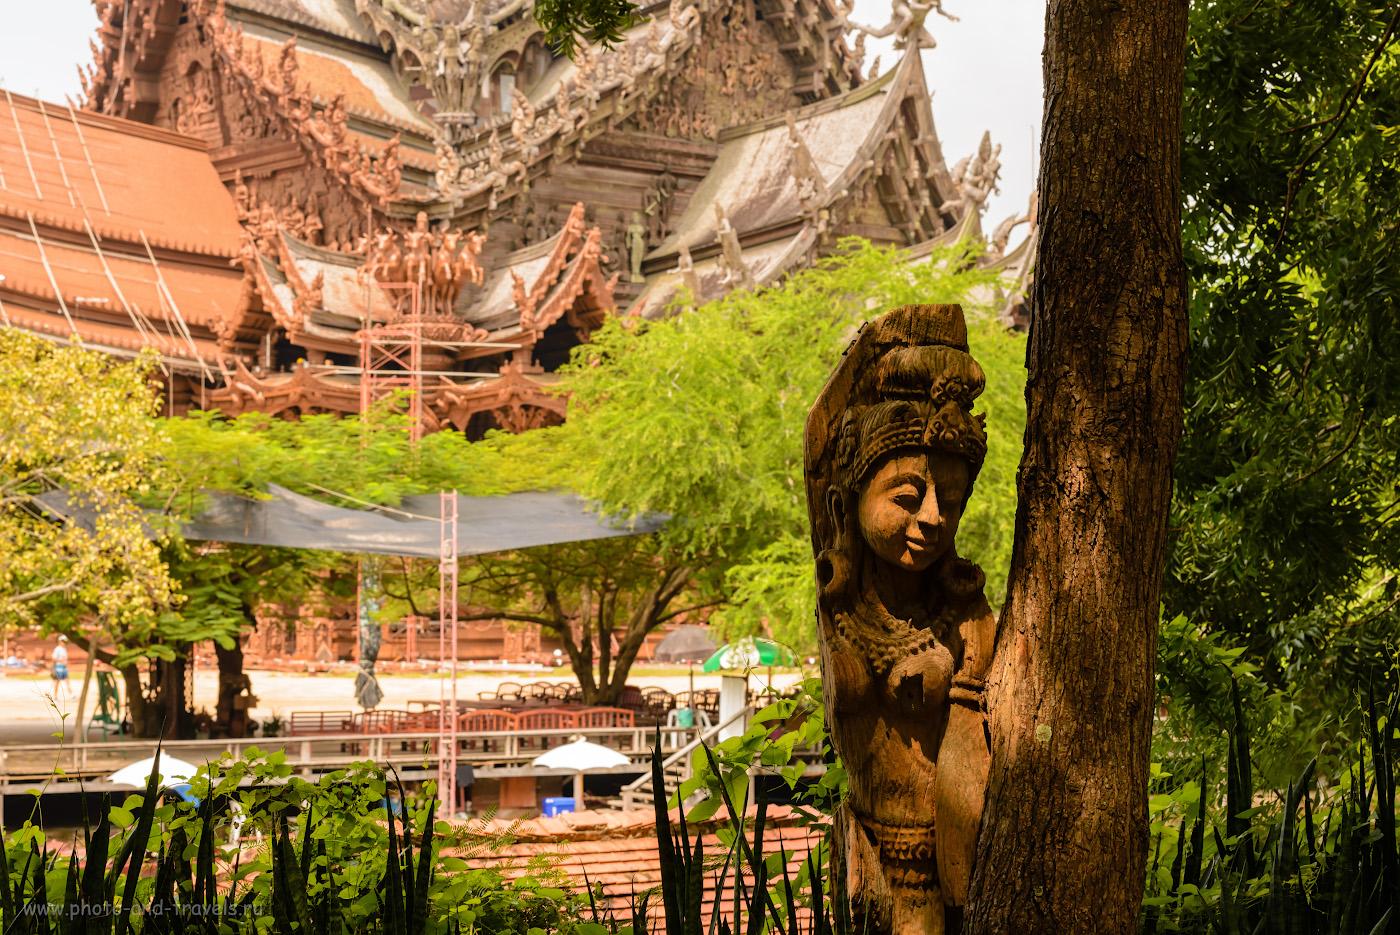 Фотография 13. Поездка в Храм Истины во время отдыха в Паттайе. Почему мне нравится путешествовать по Таиланду. 1/160, -0.67, 10.0, 250, 70.